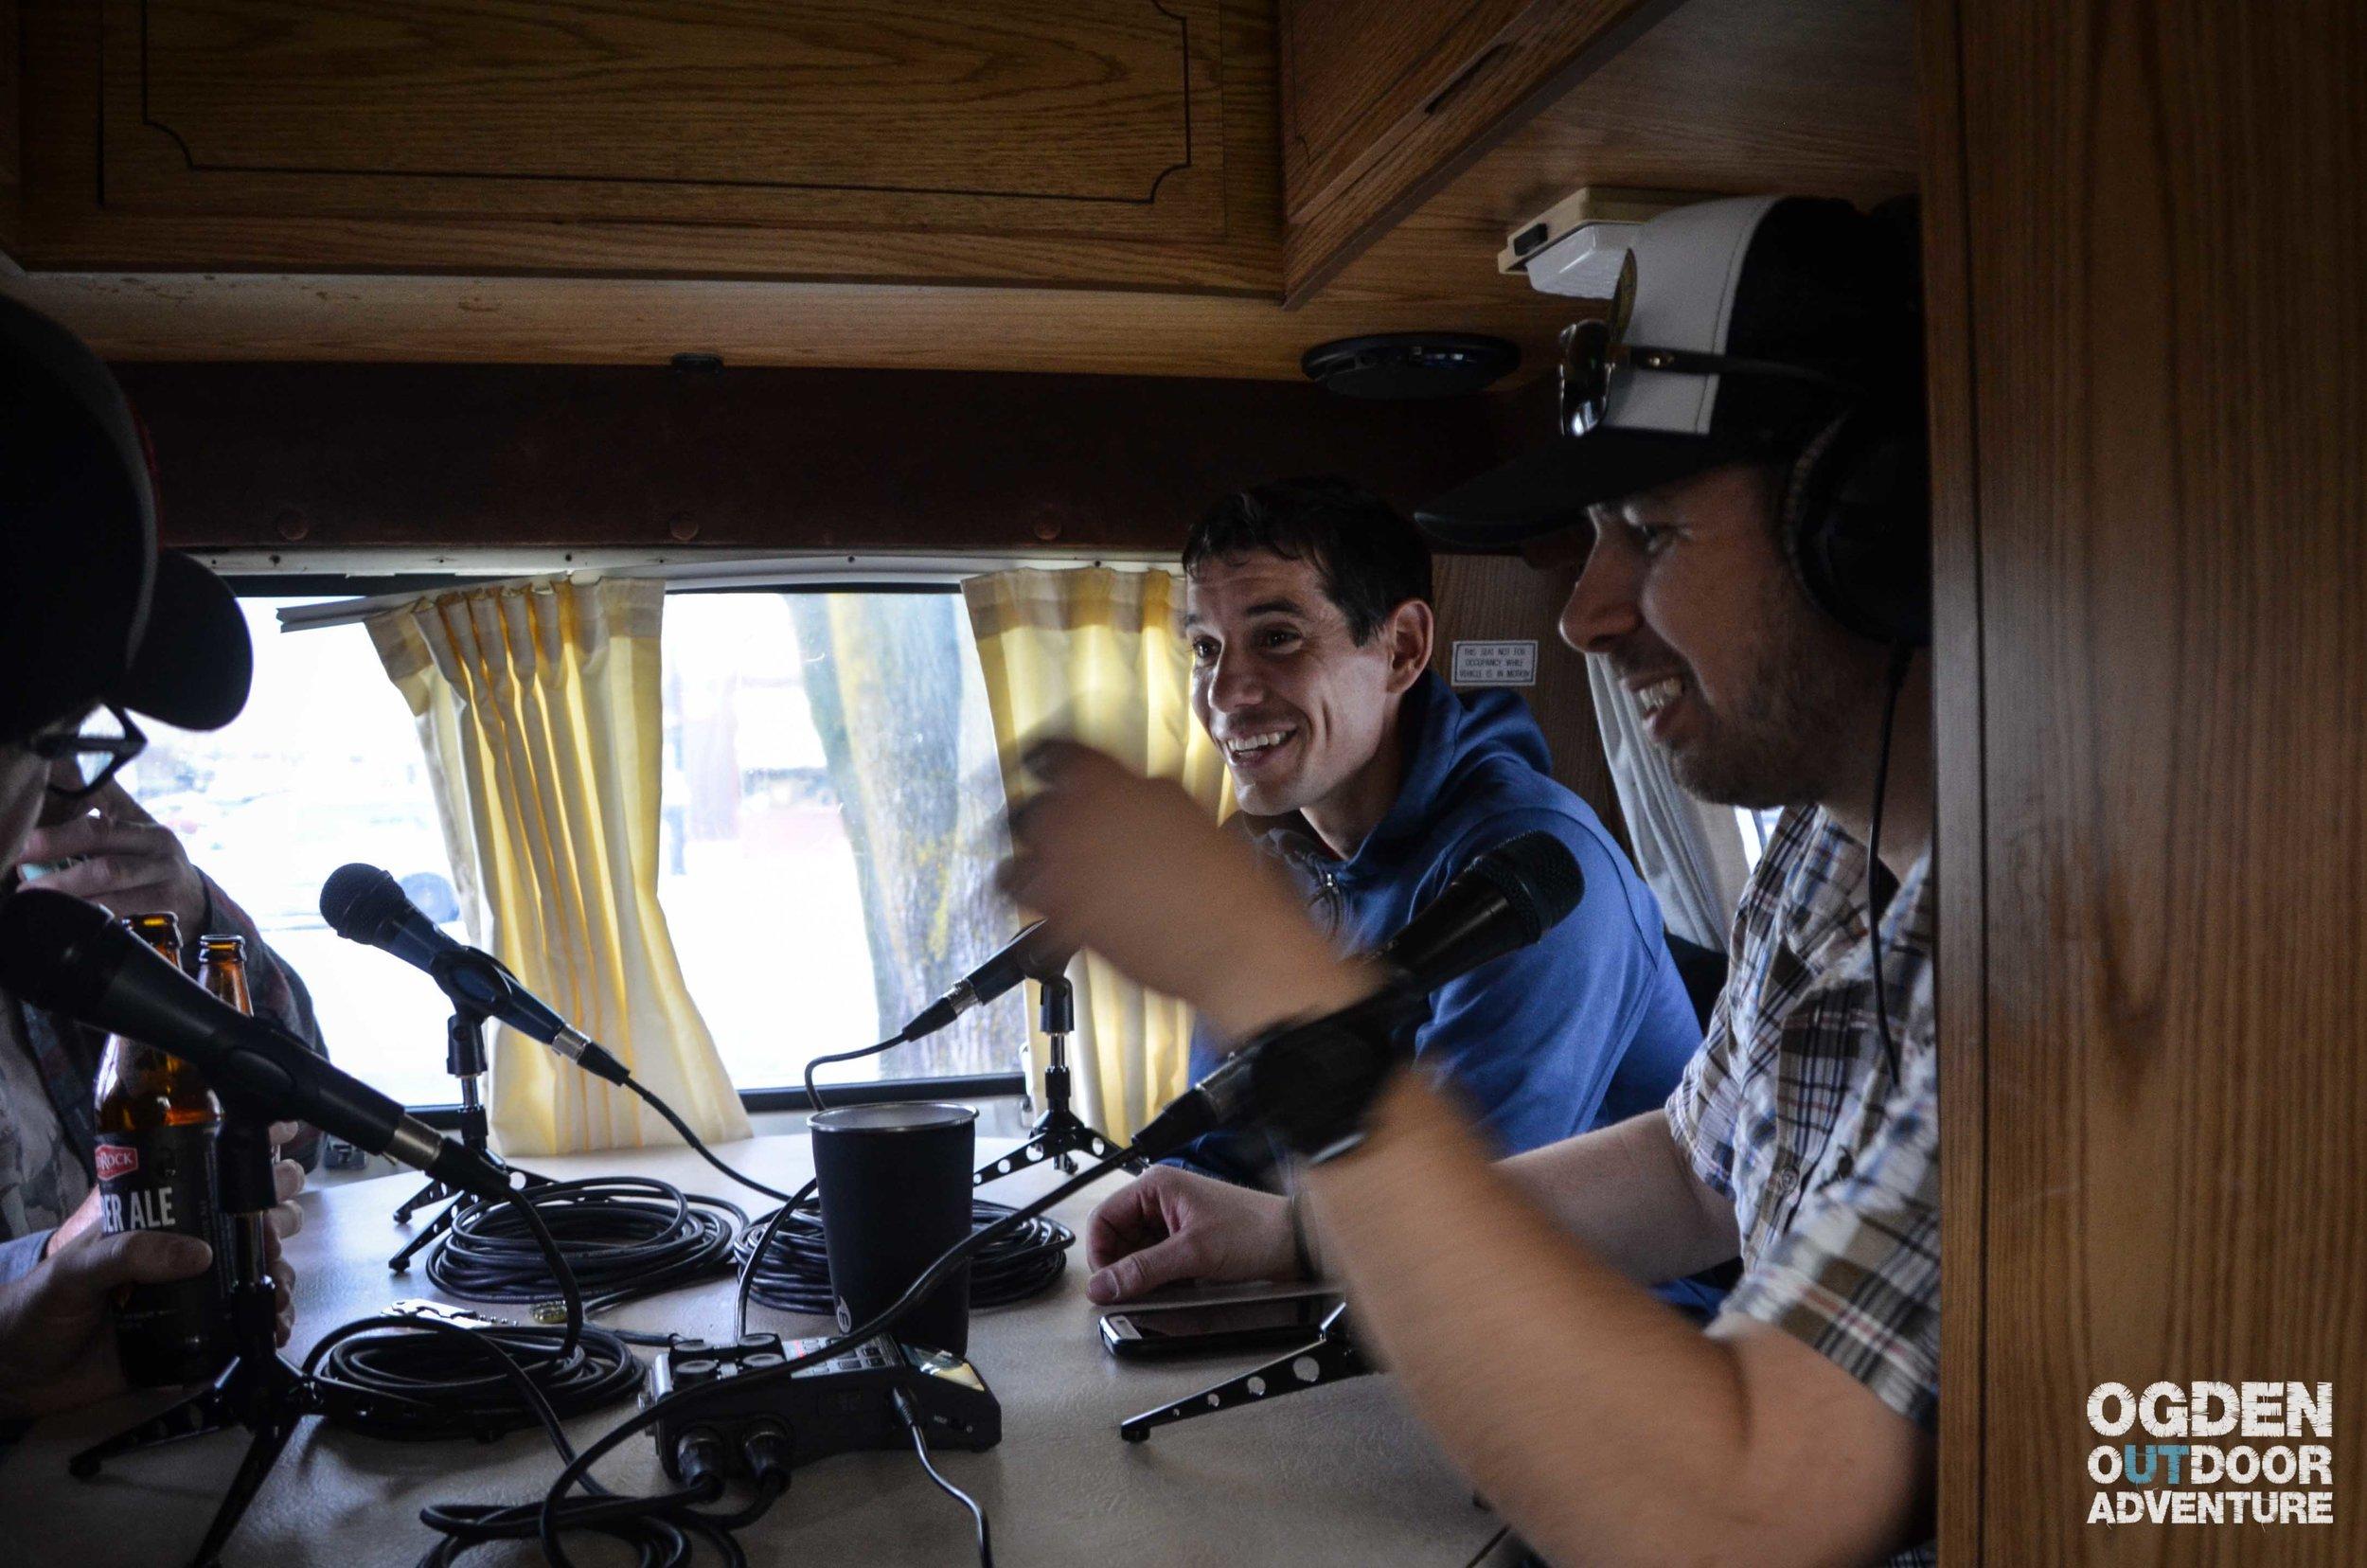 Ogden Outdoor Adventure Show Alex Honnold & Cedar Wright Interview-5.jpg